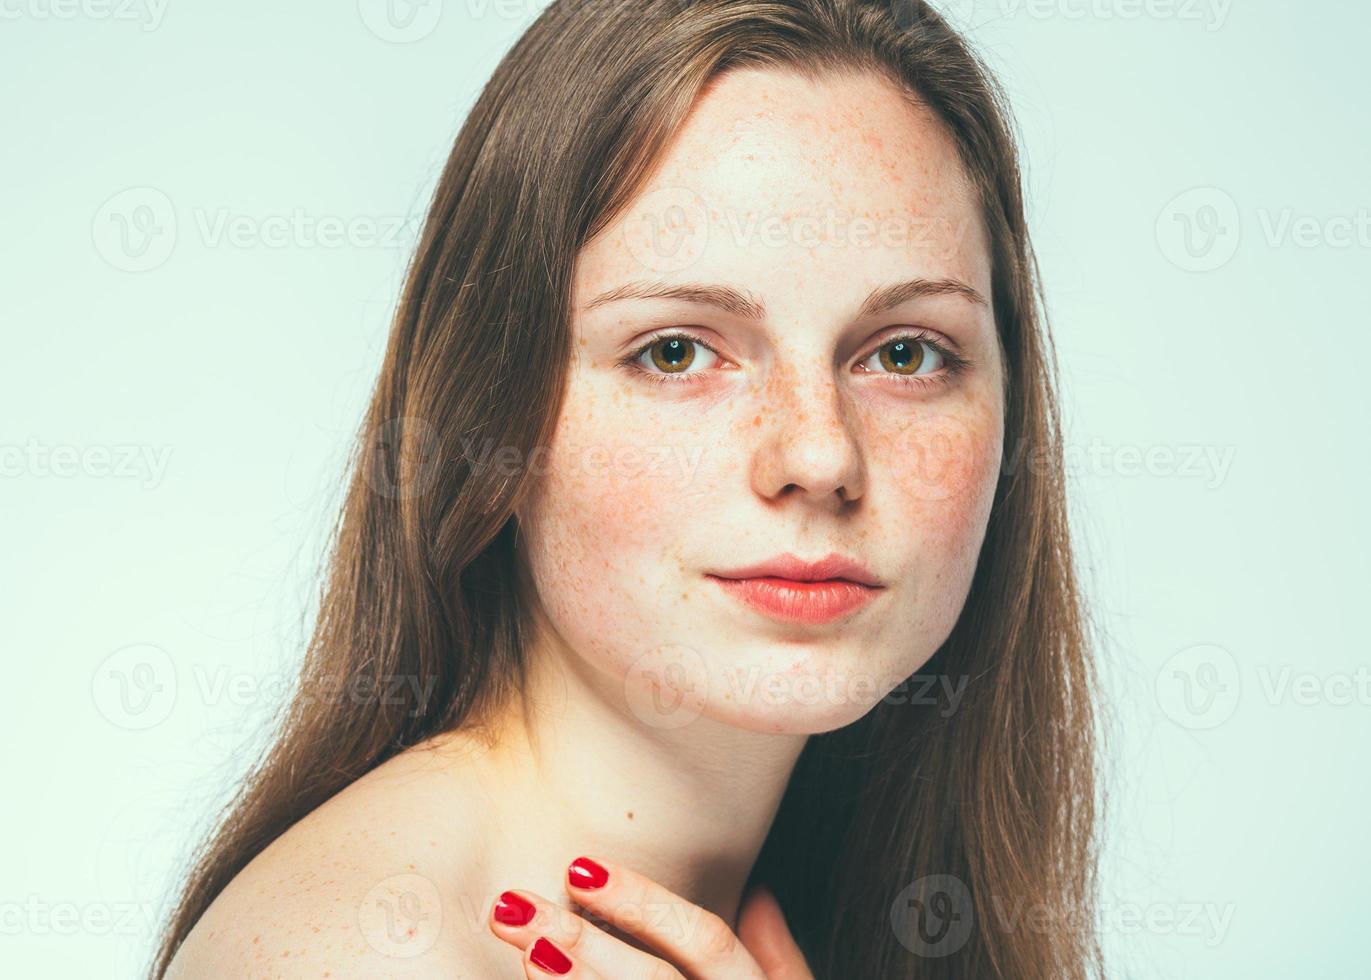 schöne Frau Gesicht Porträt jung foto